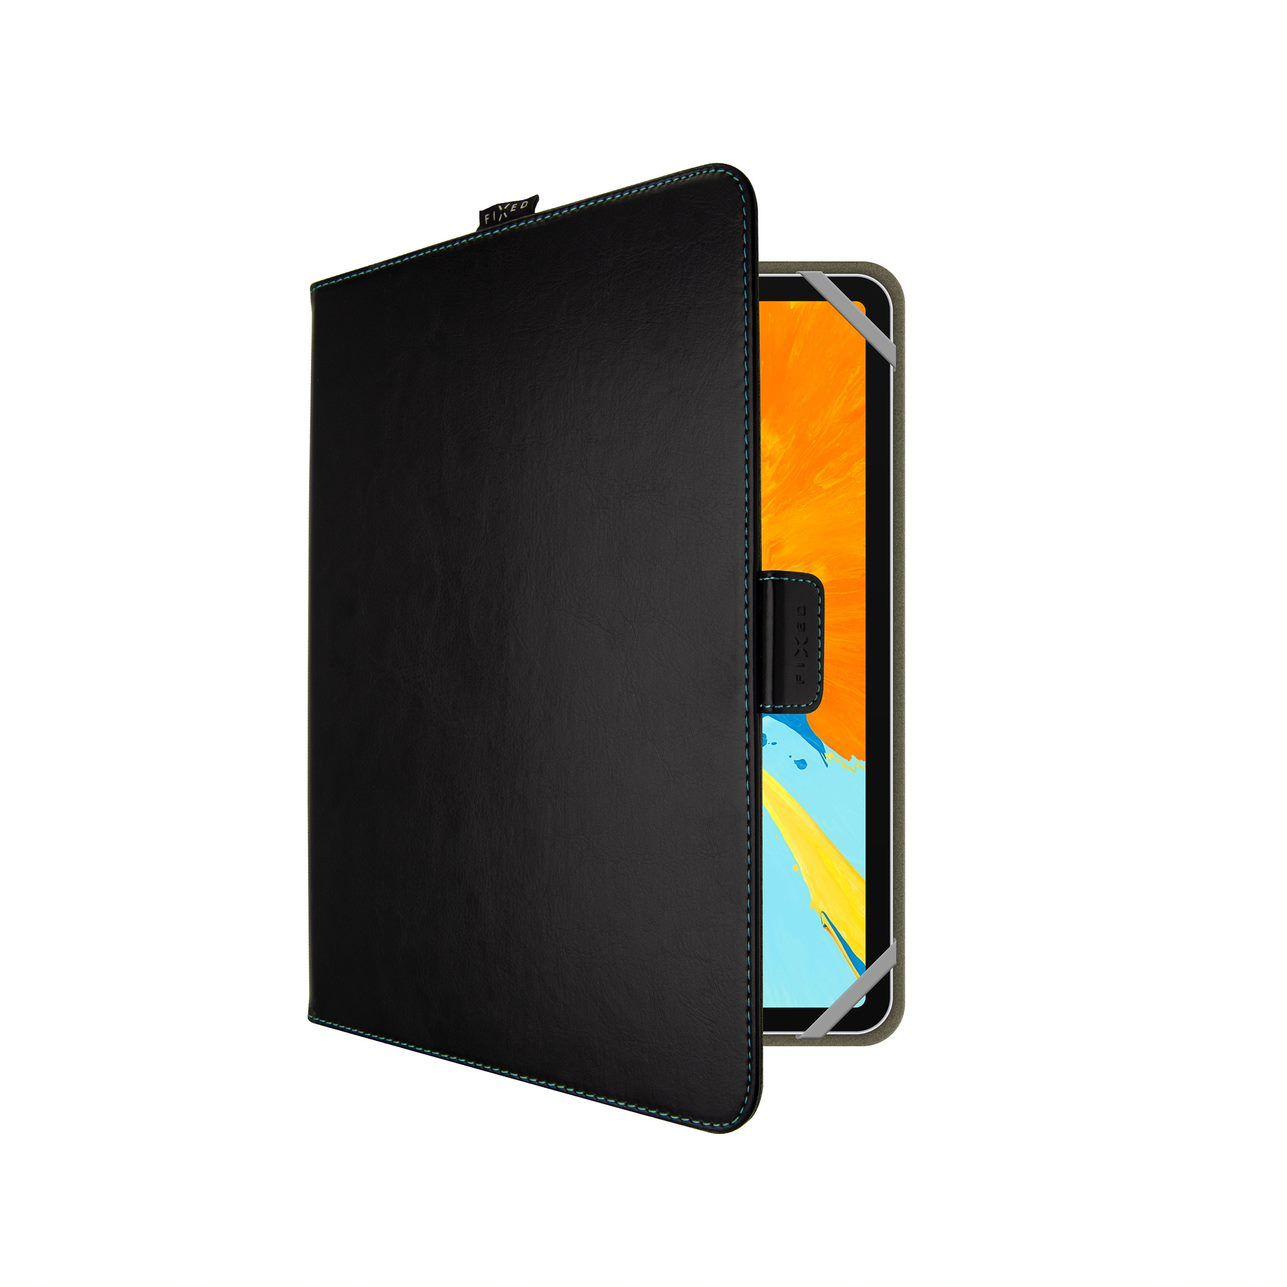 """FIXED Novel pouzdro pro 10.1"""" tablety se stojánkem a kapsou, černétablety se stojánkem a kapsou, černé"""